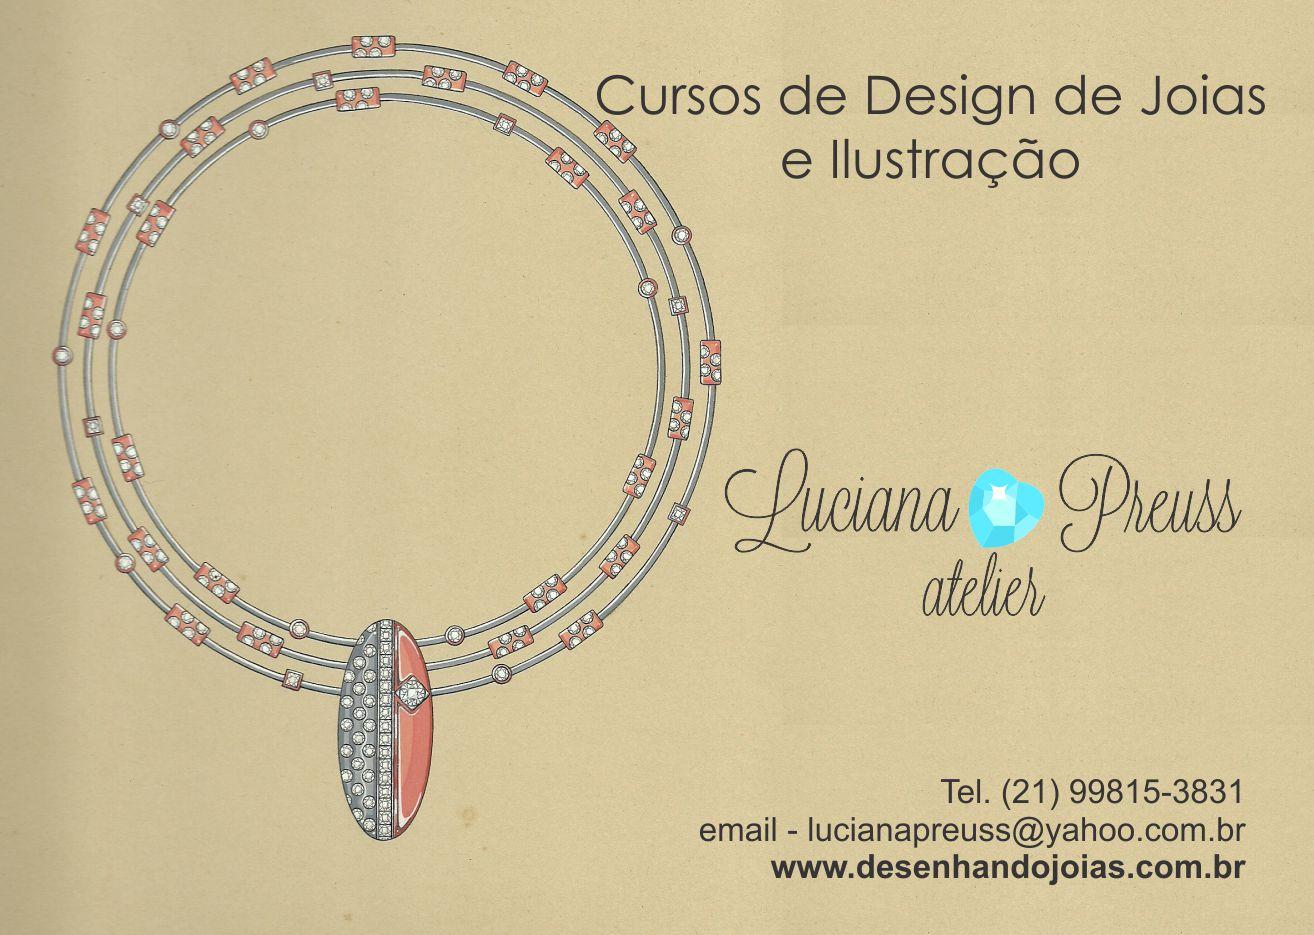 Luciana Preuss